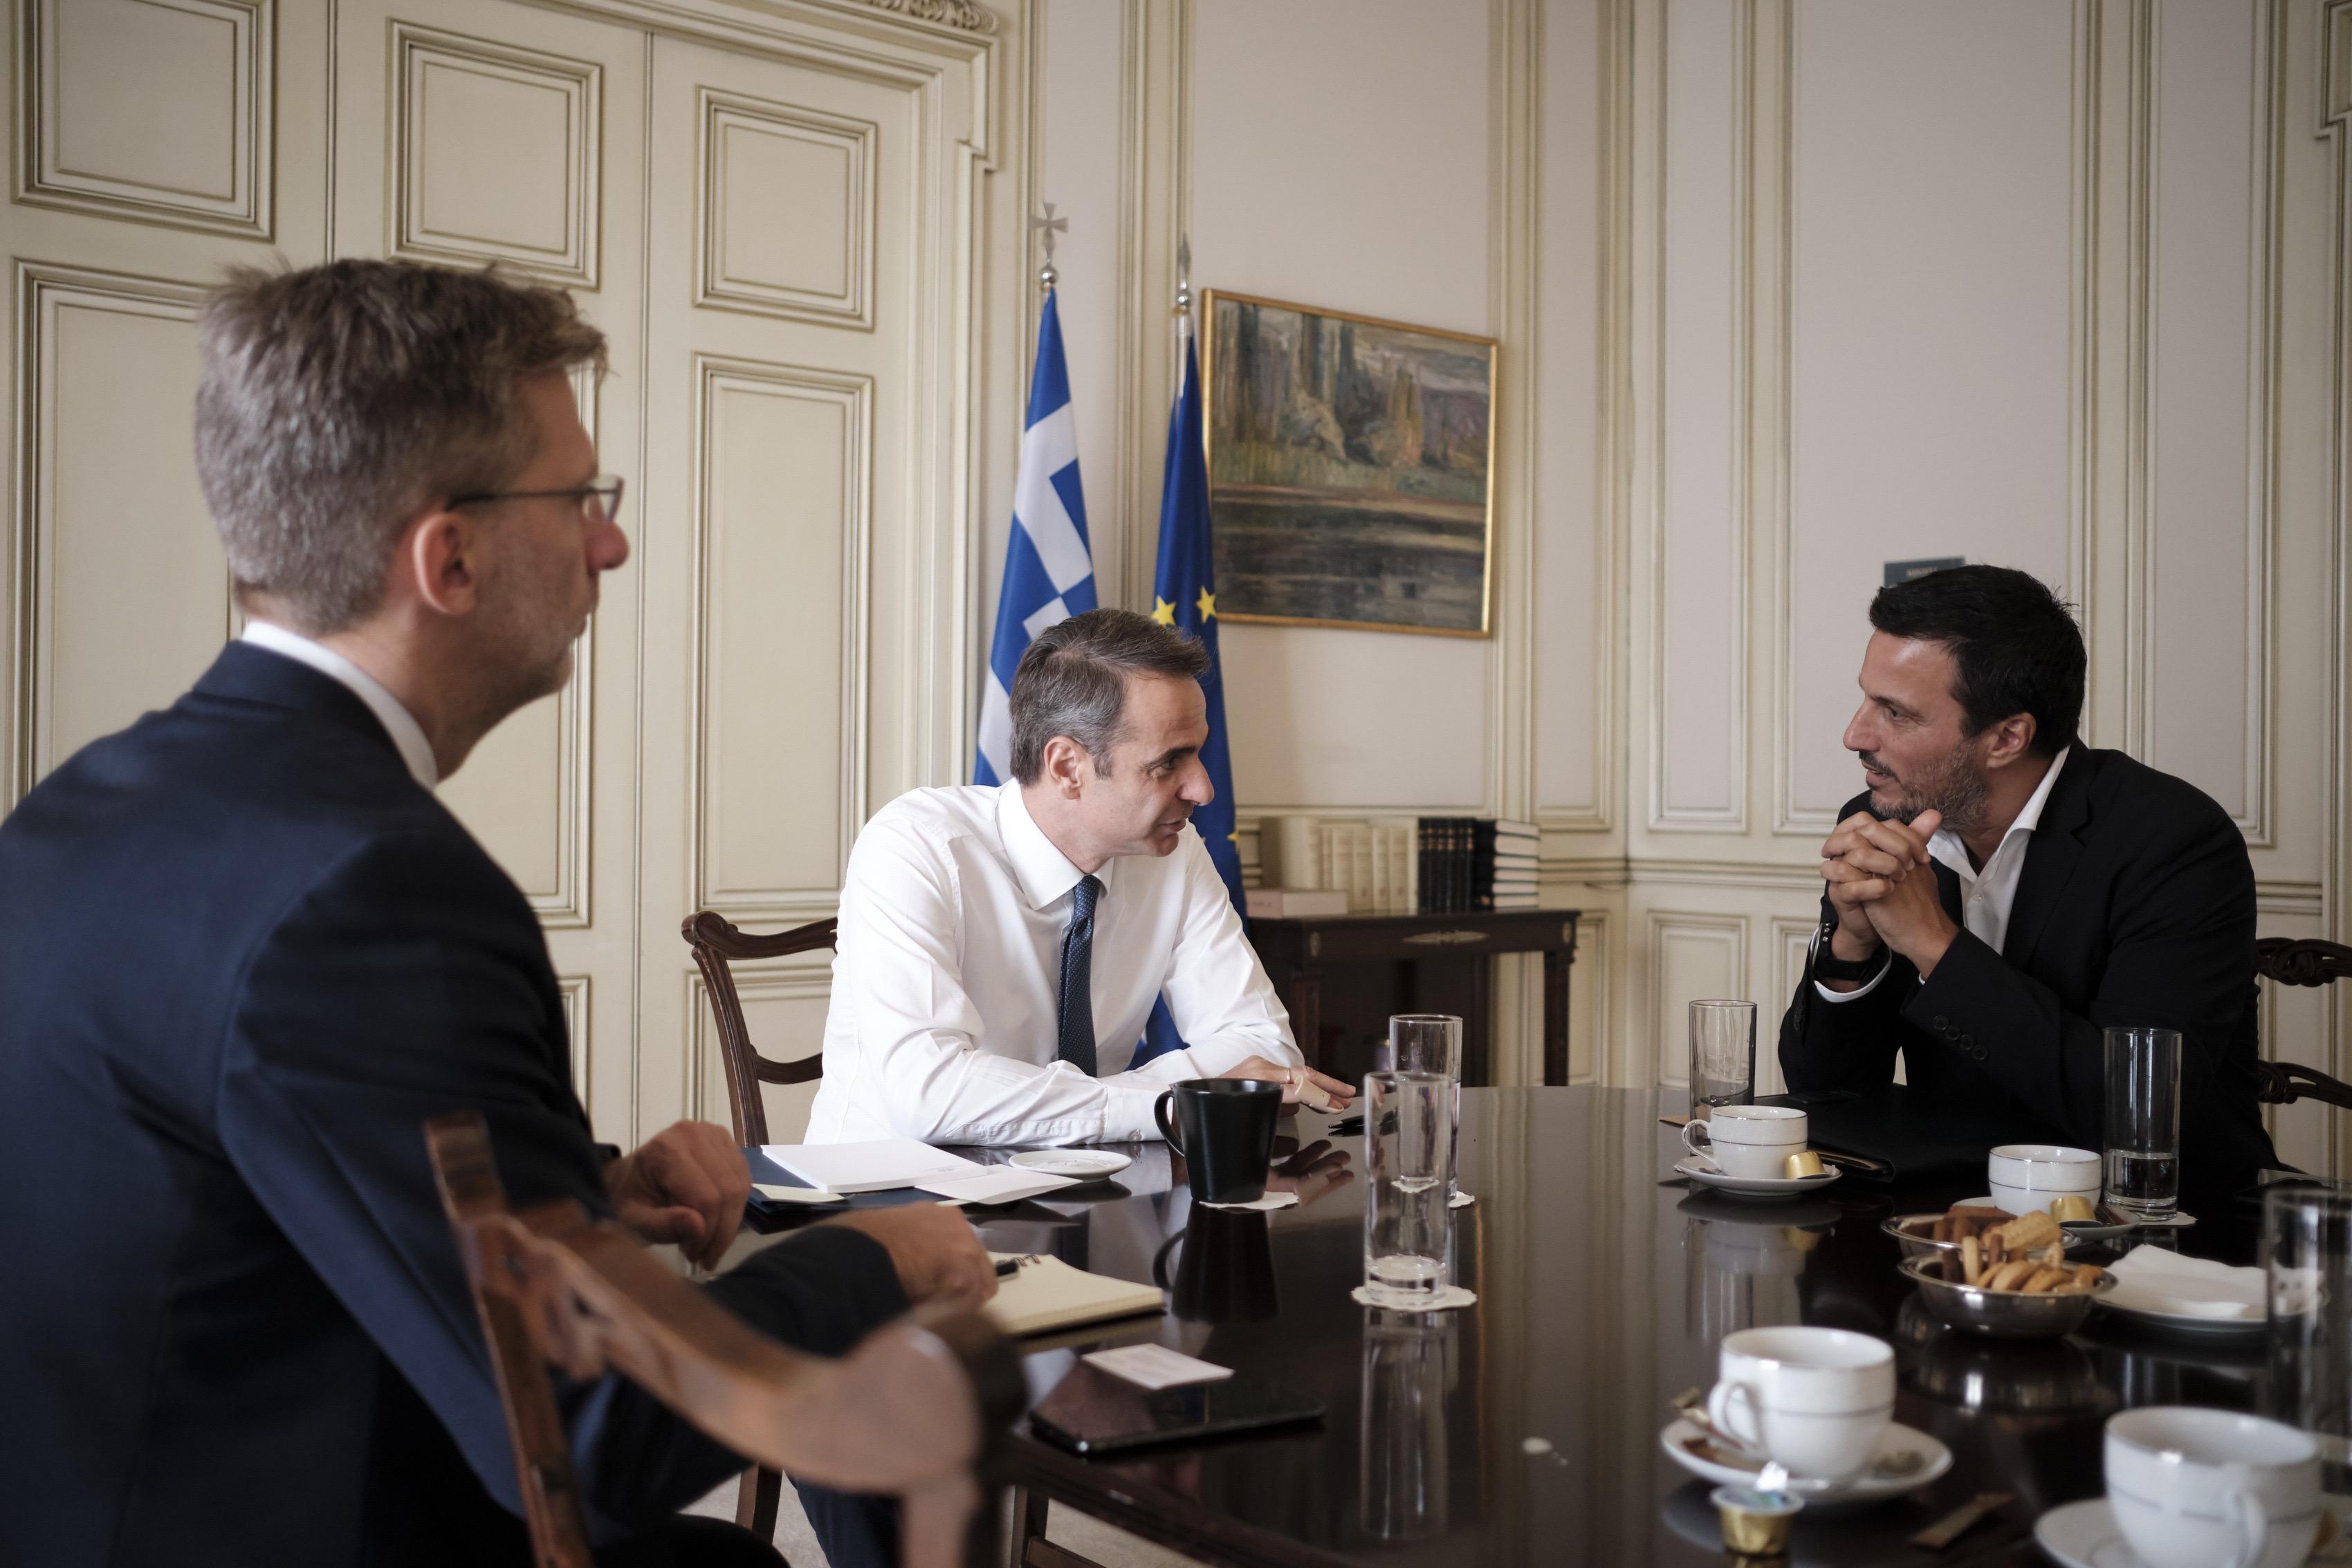 Κ. Μητσοτάκης – διευθυντής WWF συζήτησαν για το περιβάλλον